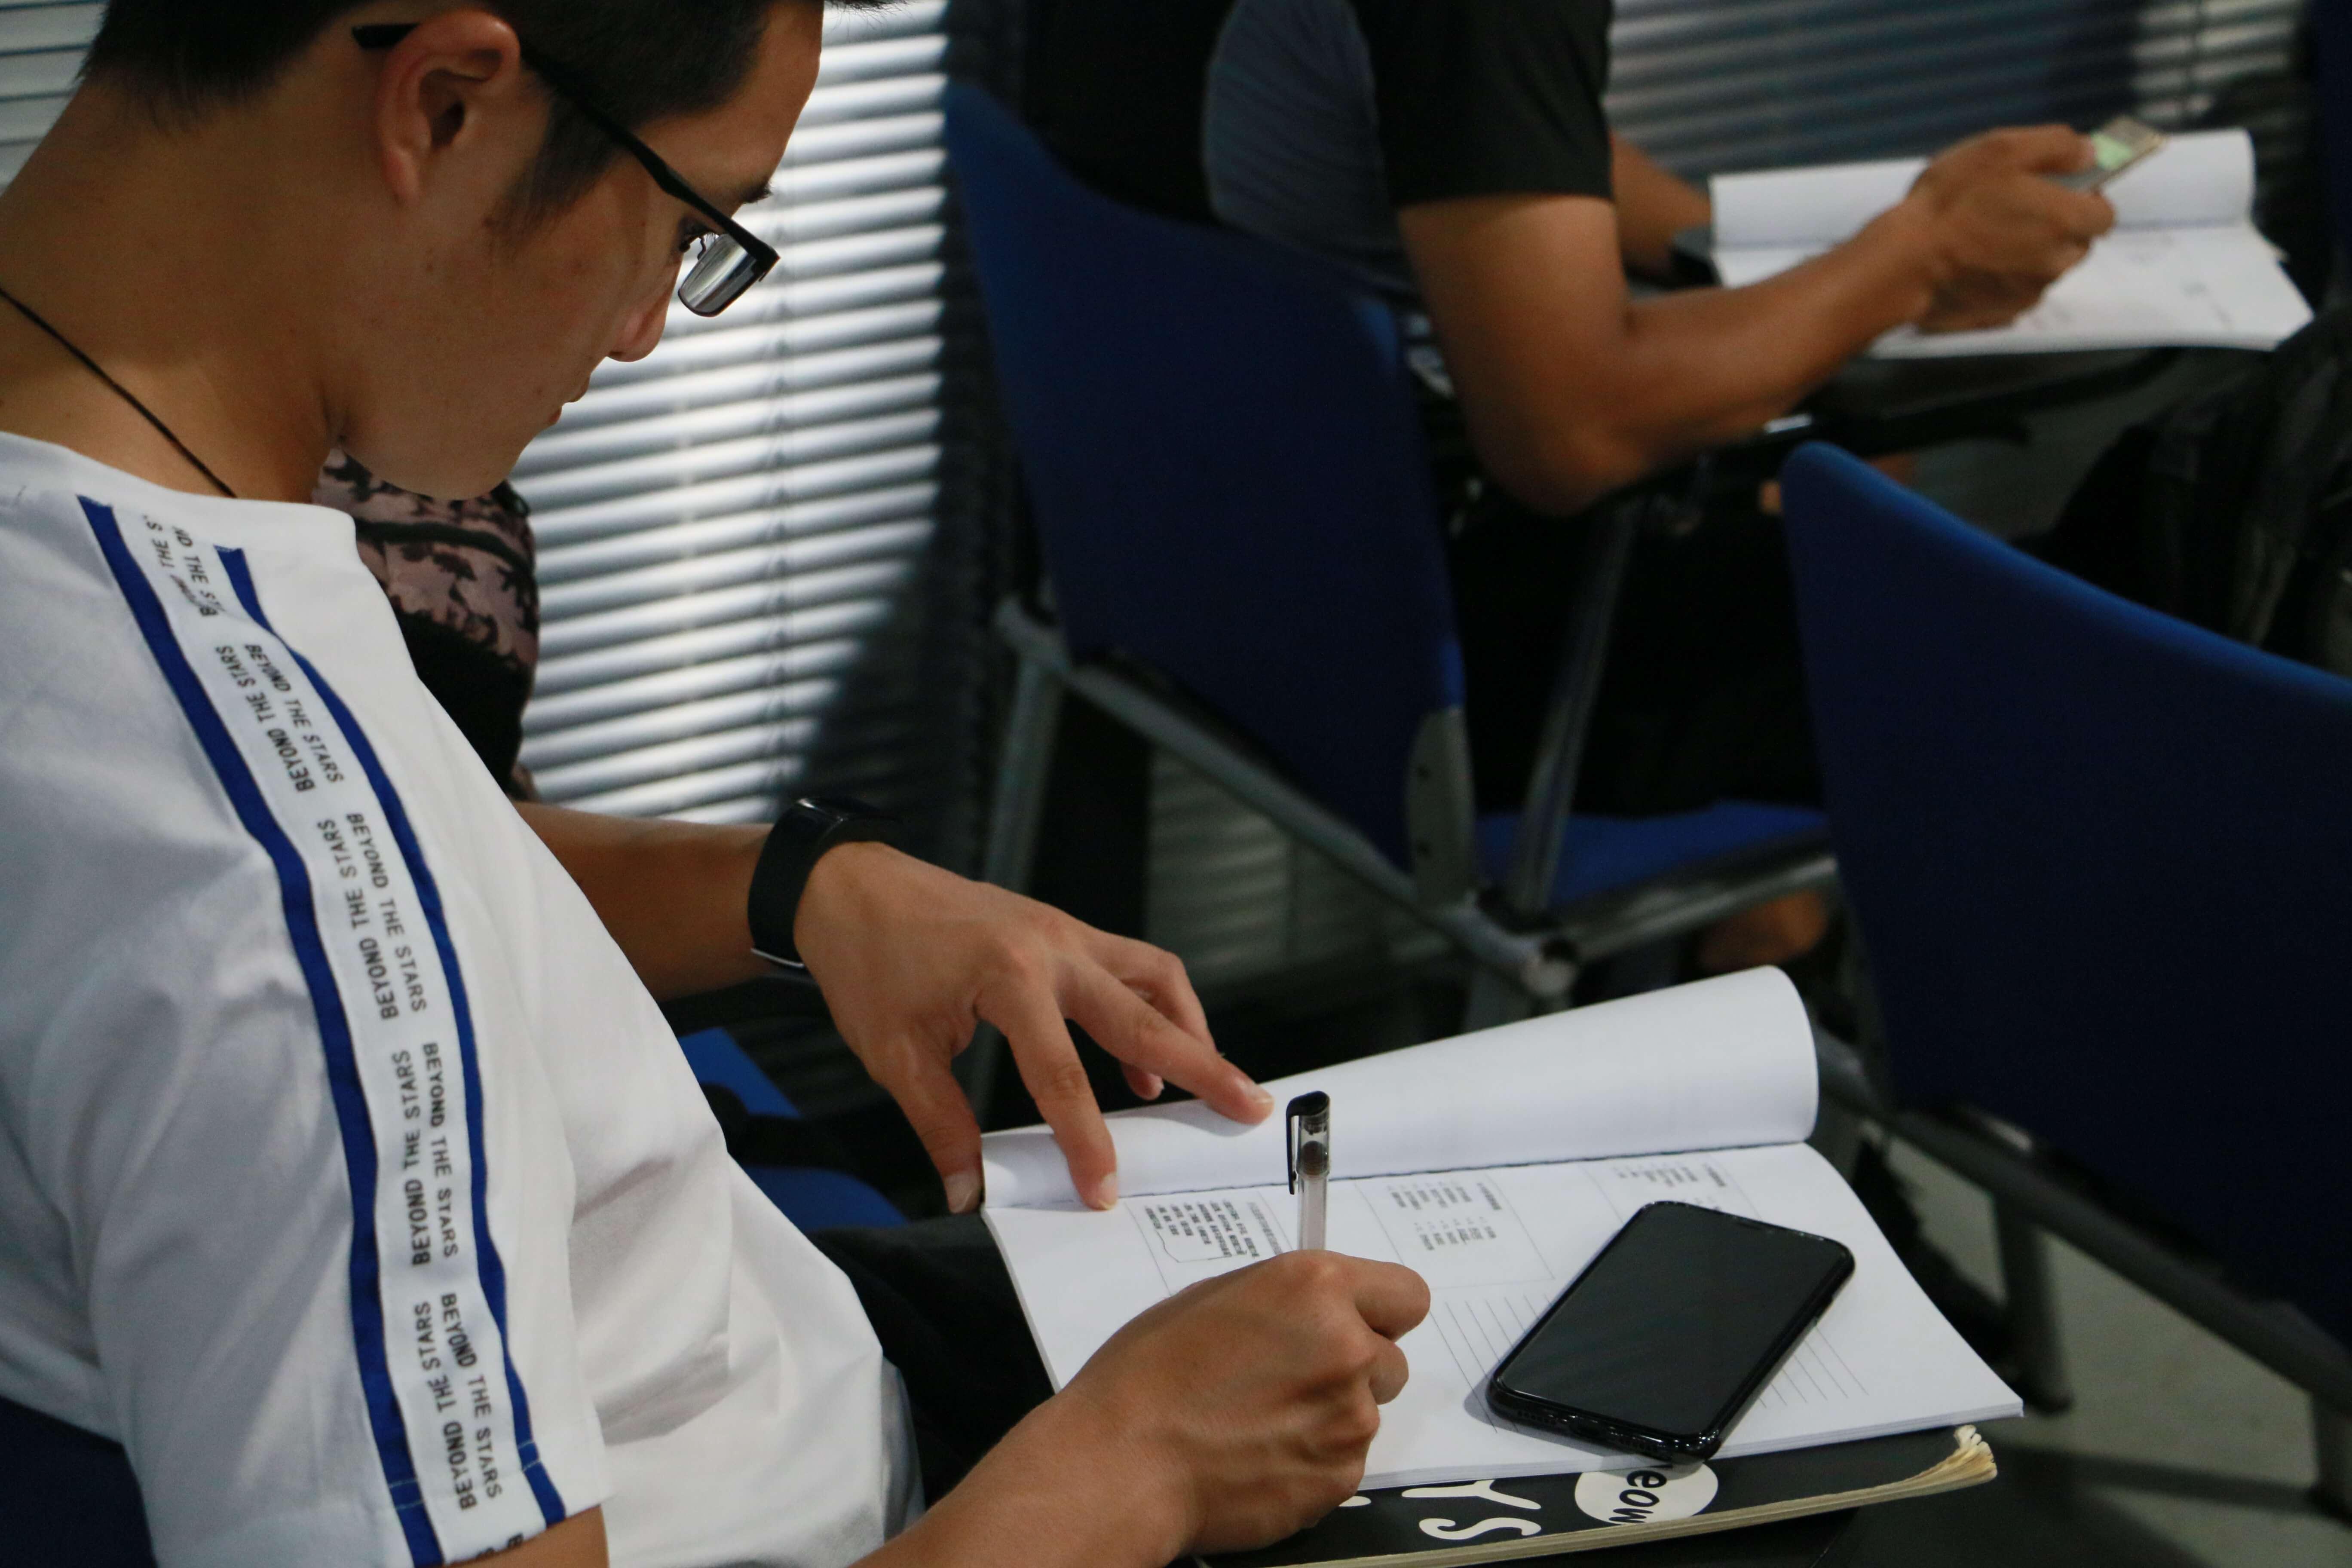 优化课程体系:重新梳理课程体系,结合了课堂实践经验